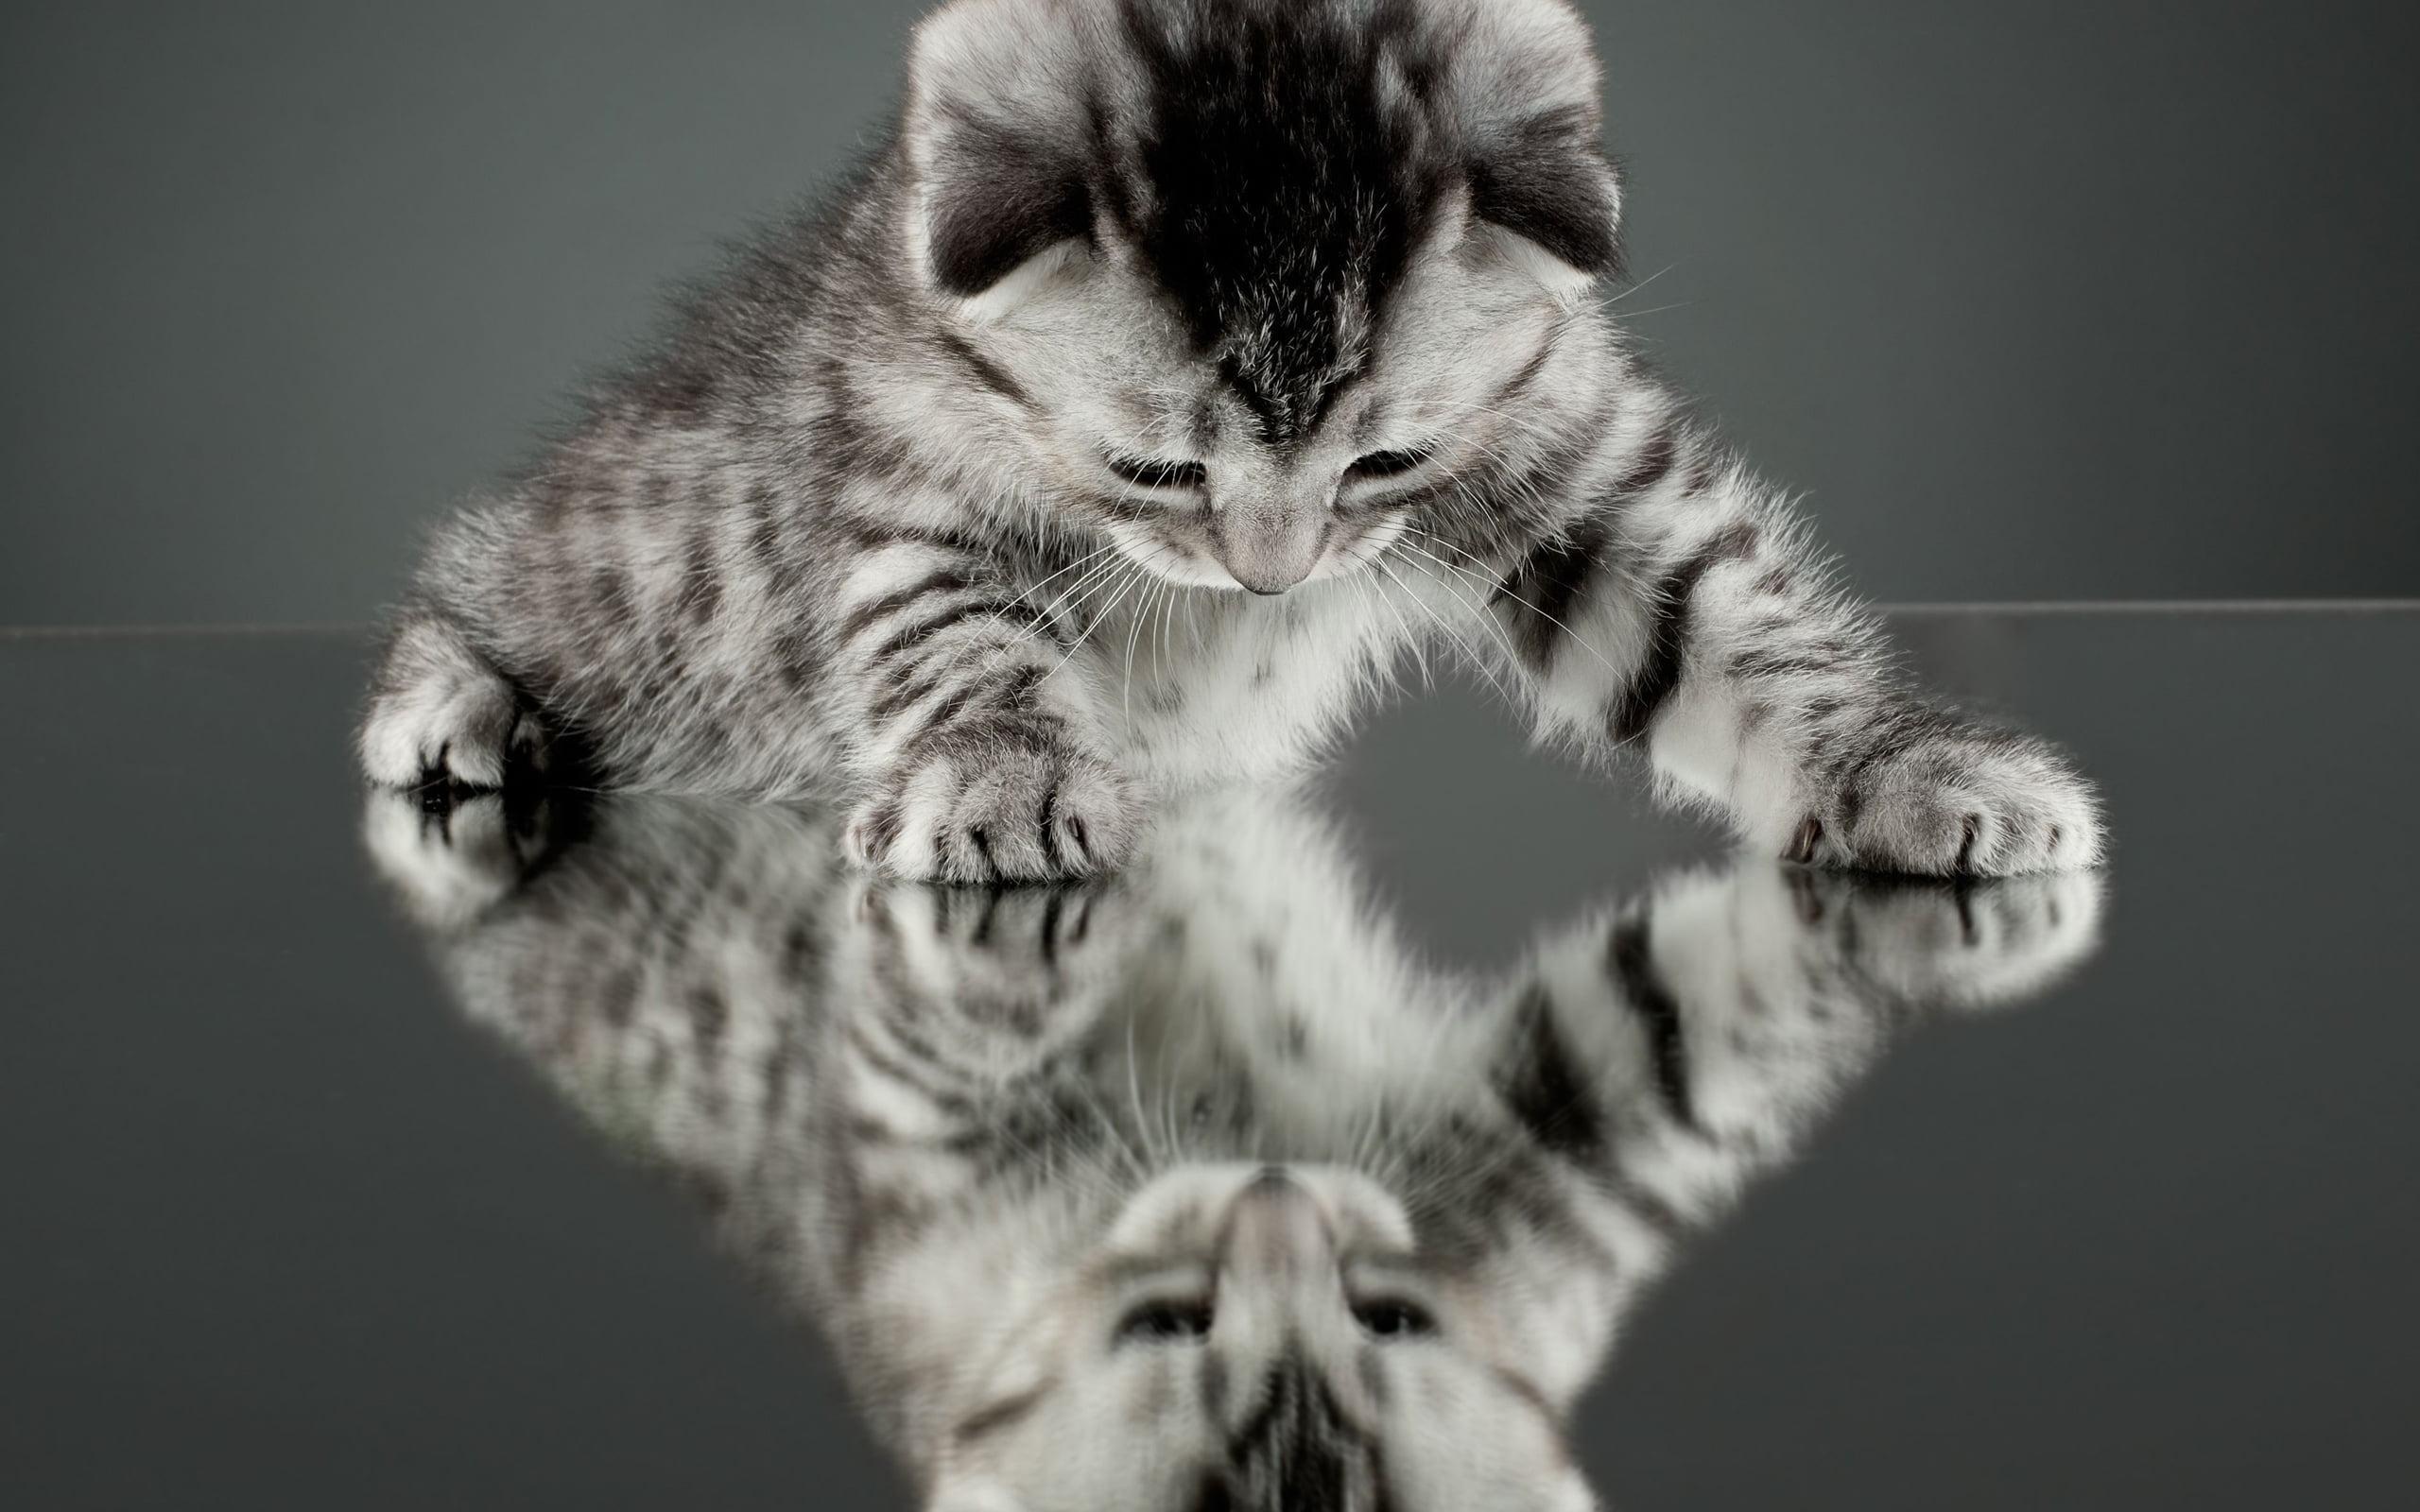 Hình ảnh hài hước của chú mèo - không biết có biết đó là cái bóng của mình không ta